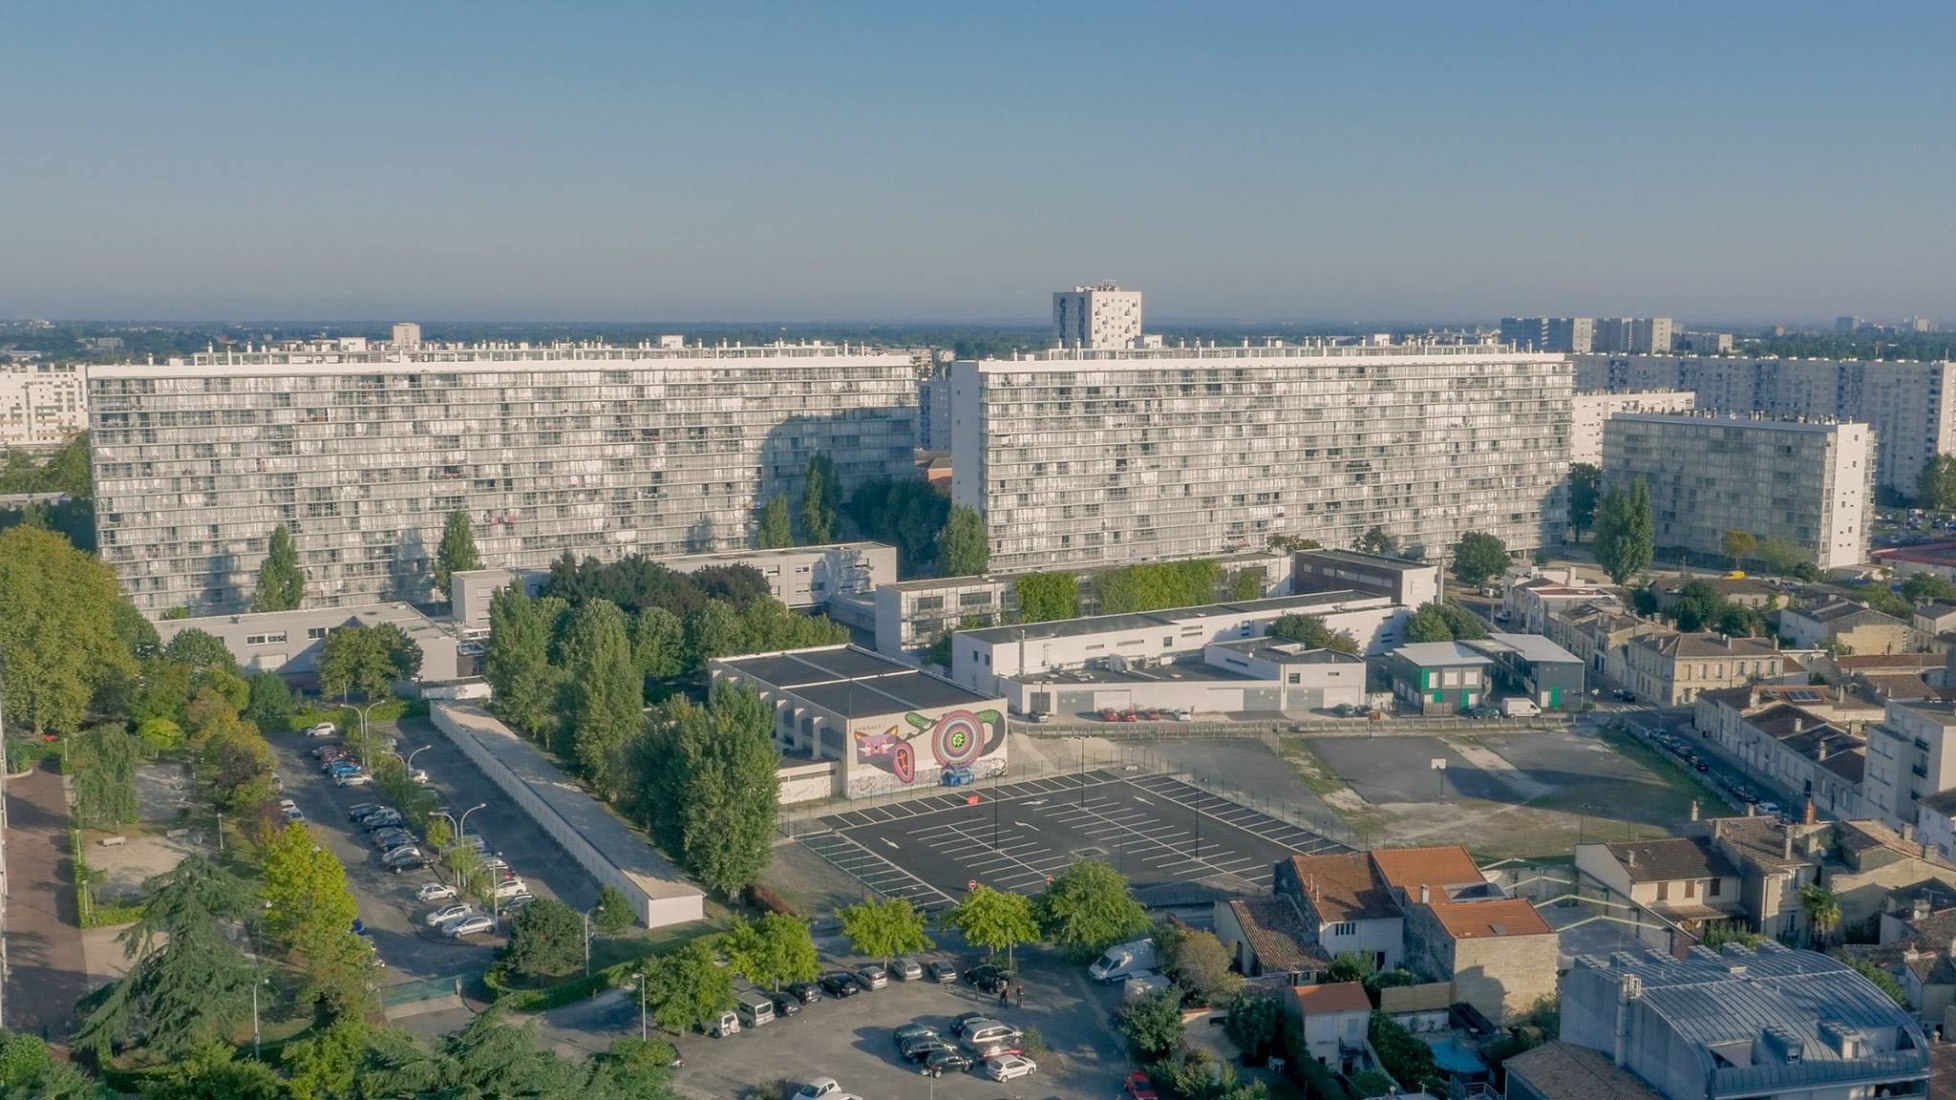 Vista general. Transformación de 530 viviendas, blocques G, H, I, por Lacaton & Vassal con Frédéric Druot y Christophe Hutin. Fotografía © Aquitanis